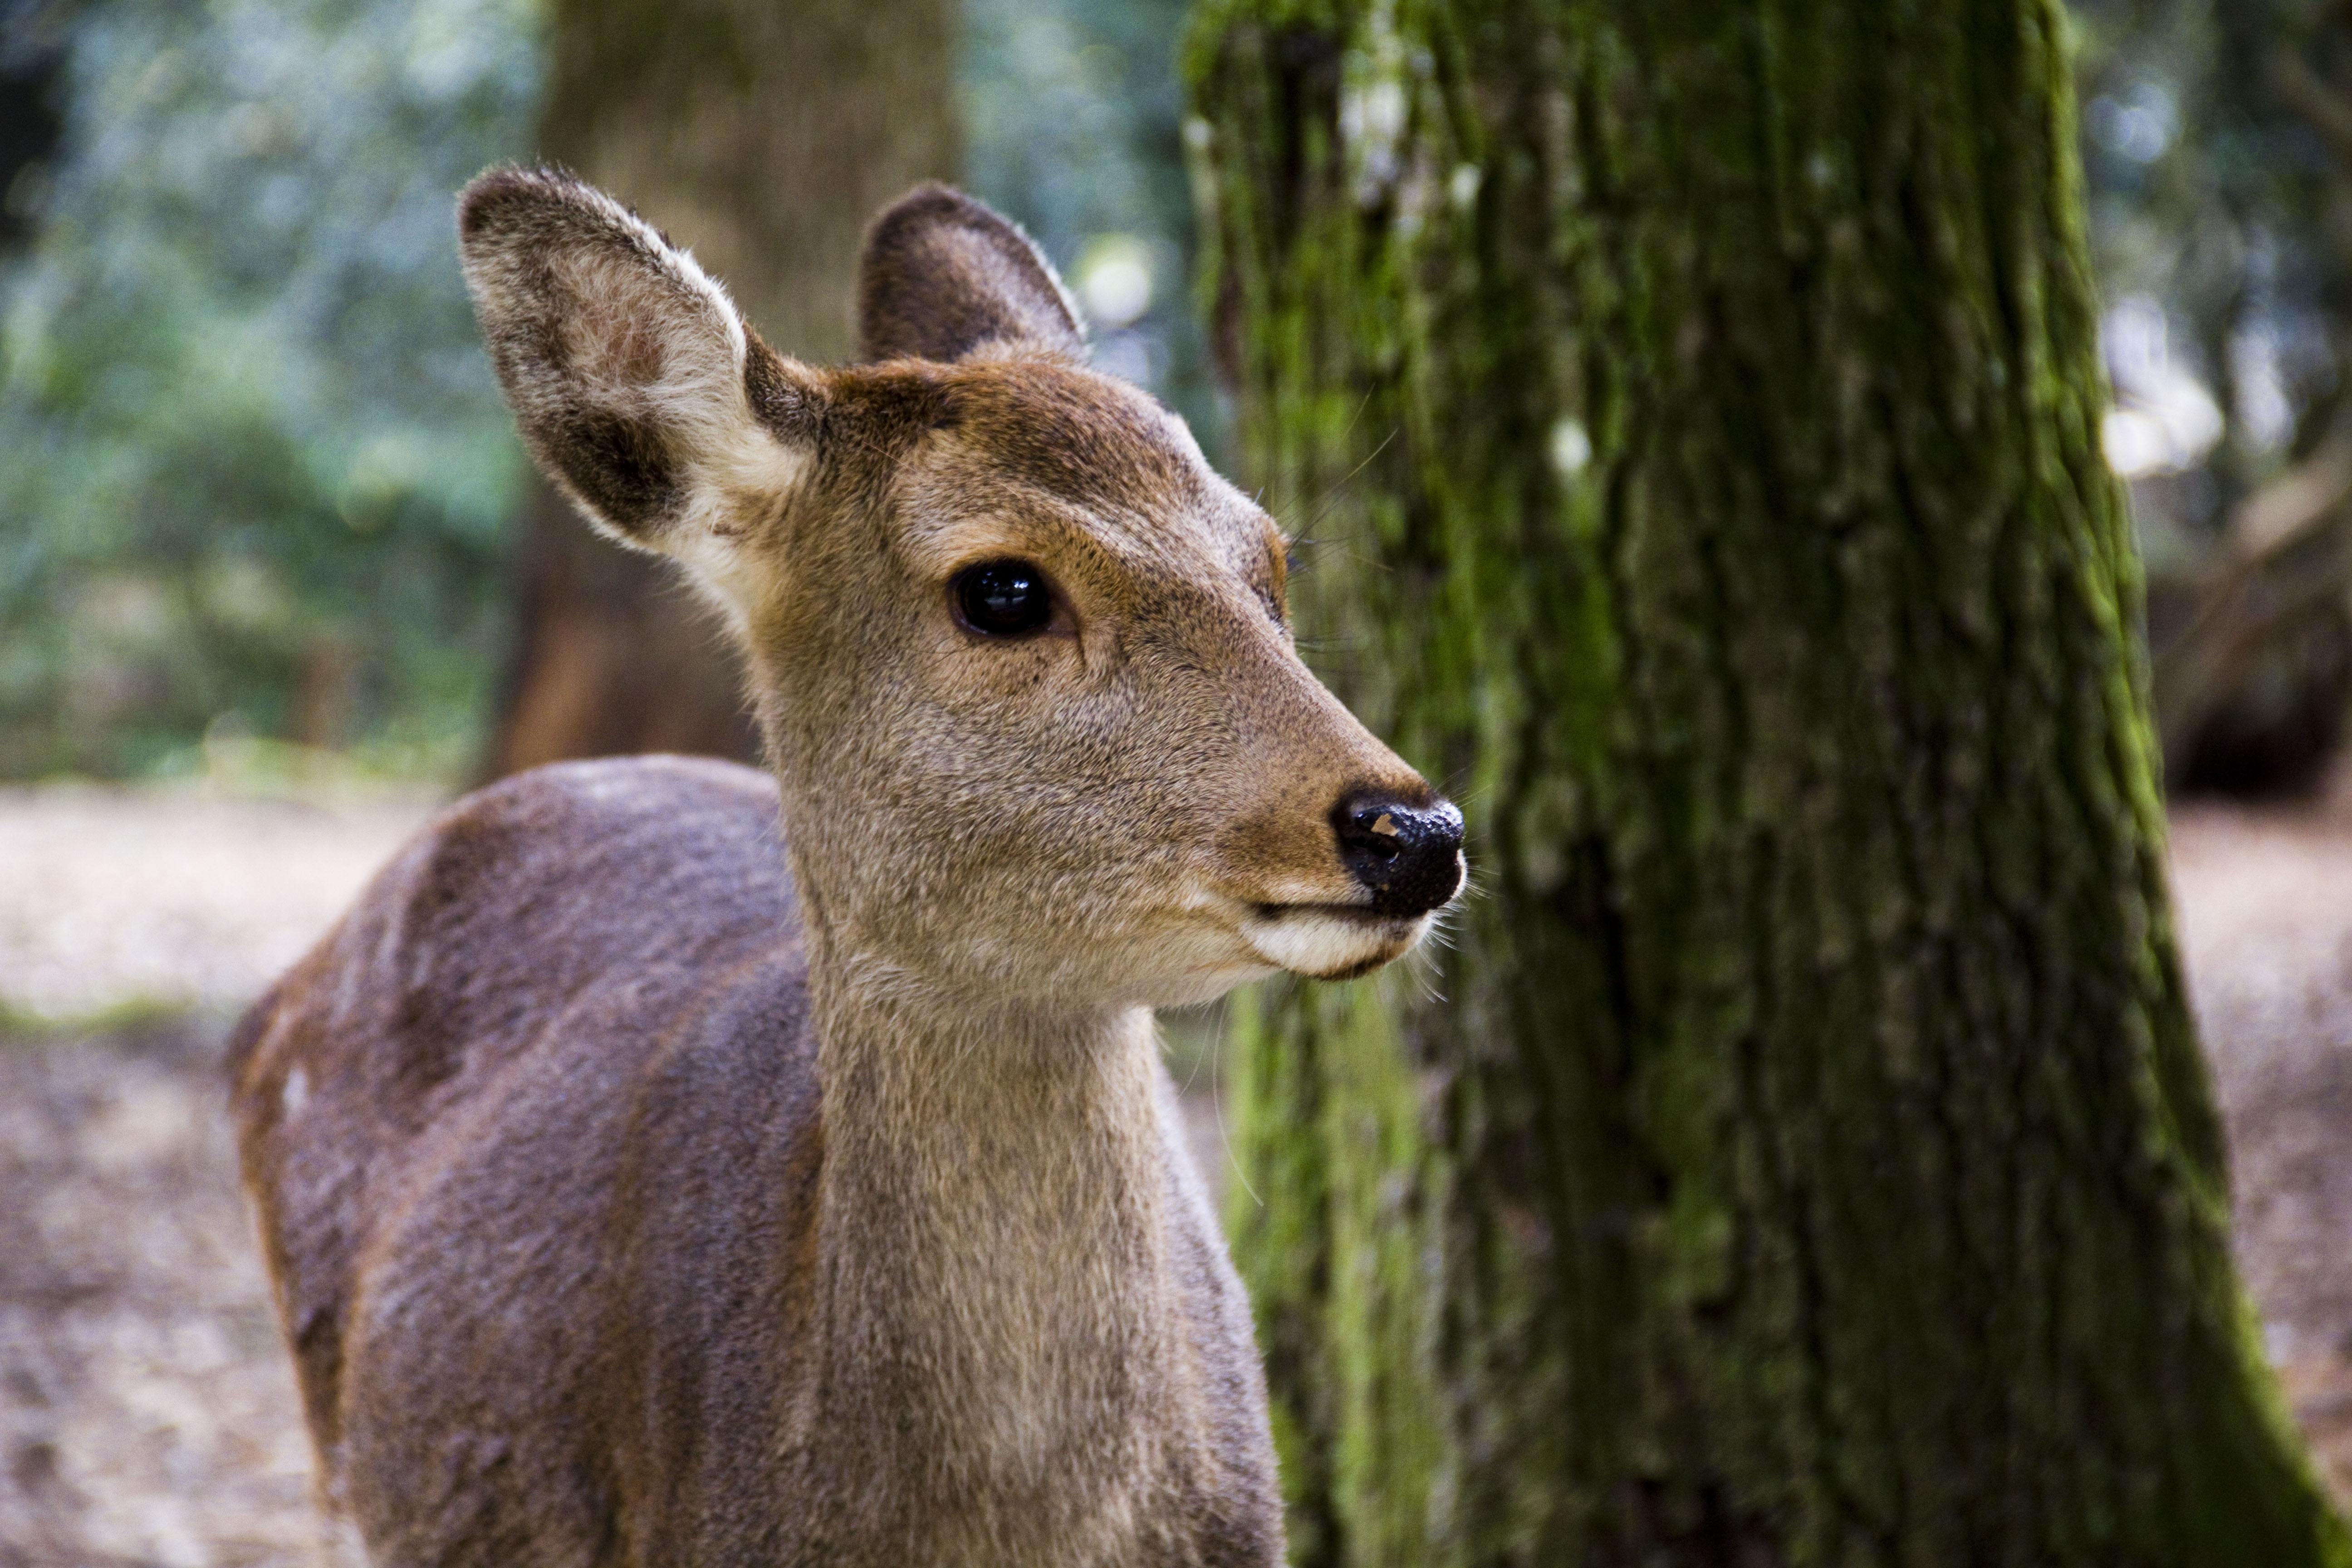 cu deer